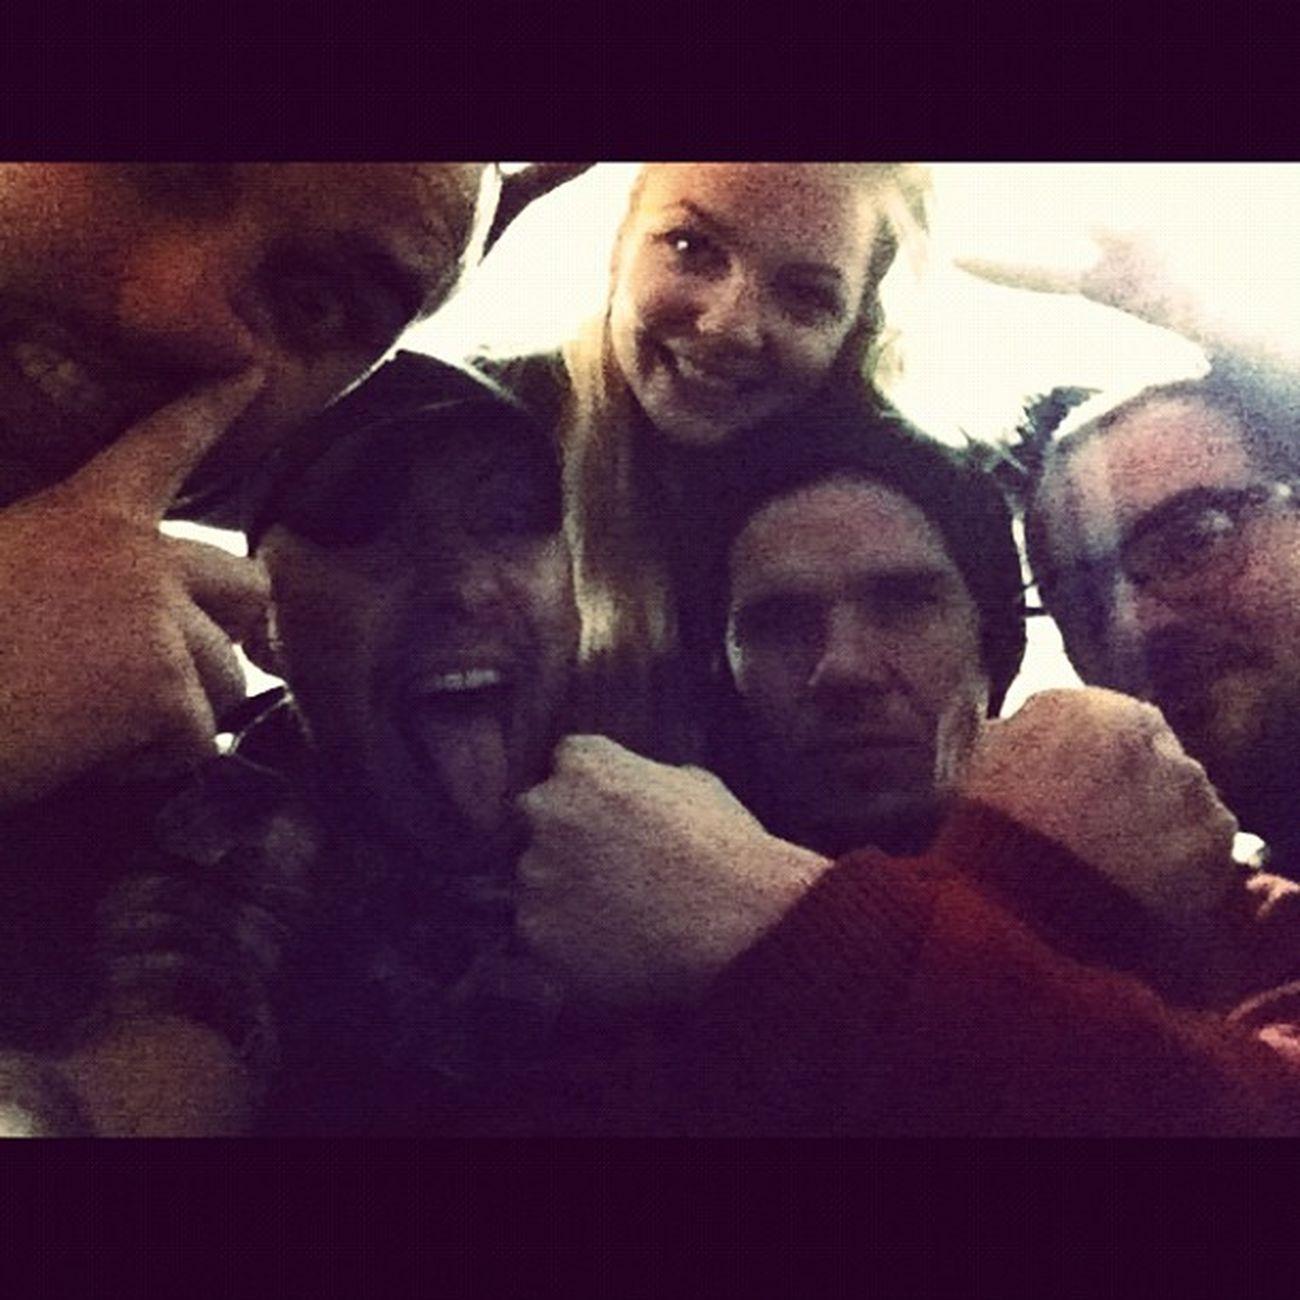 банда мы лучшие :)